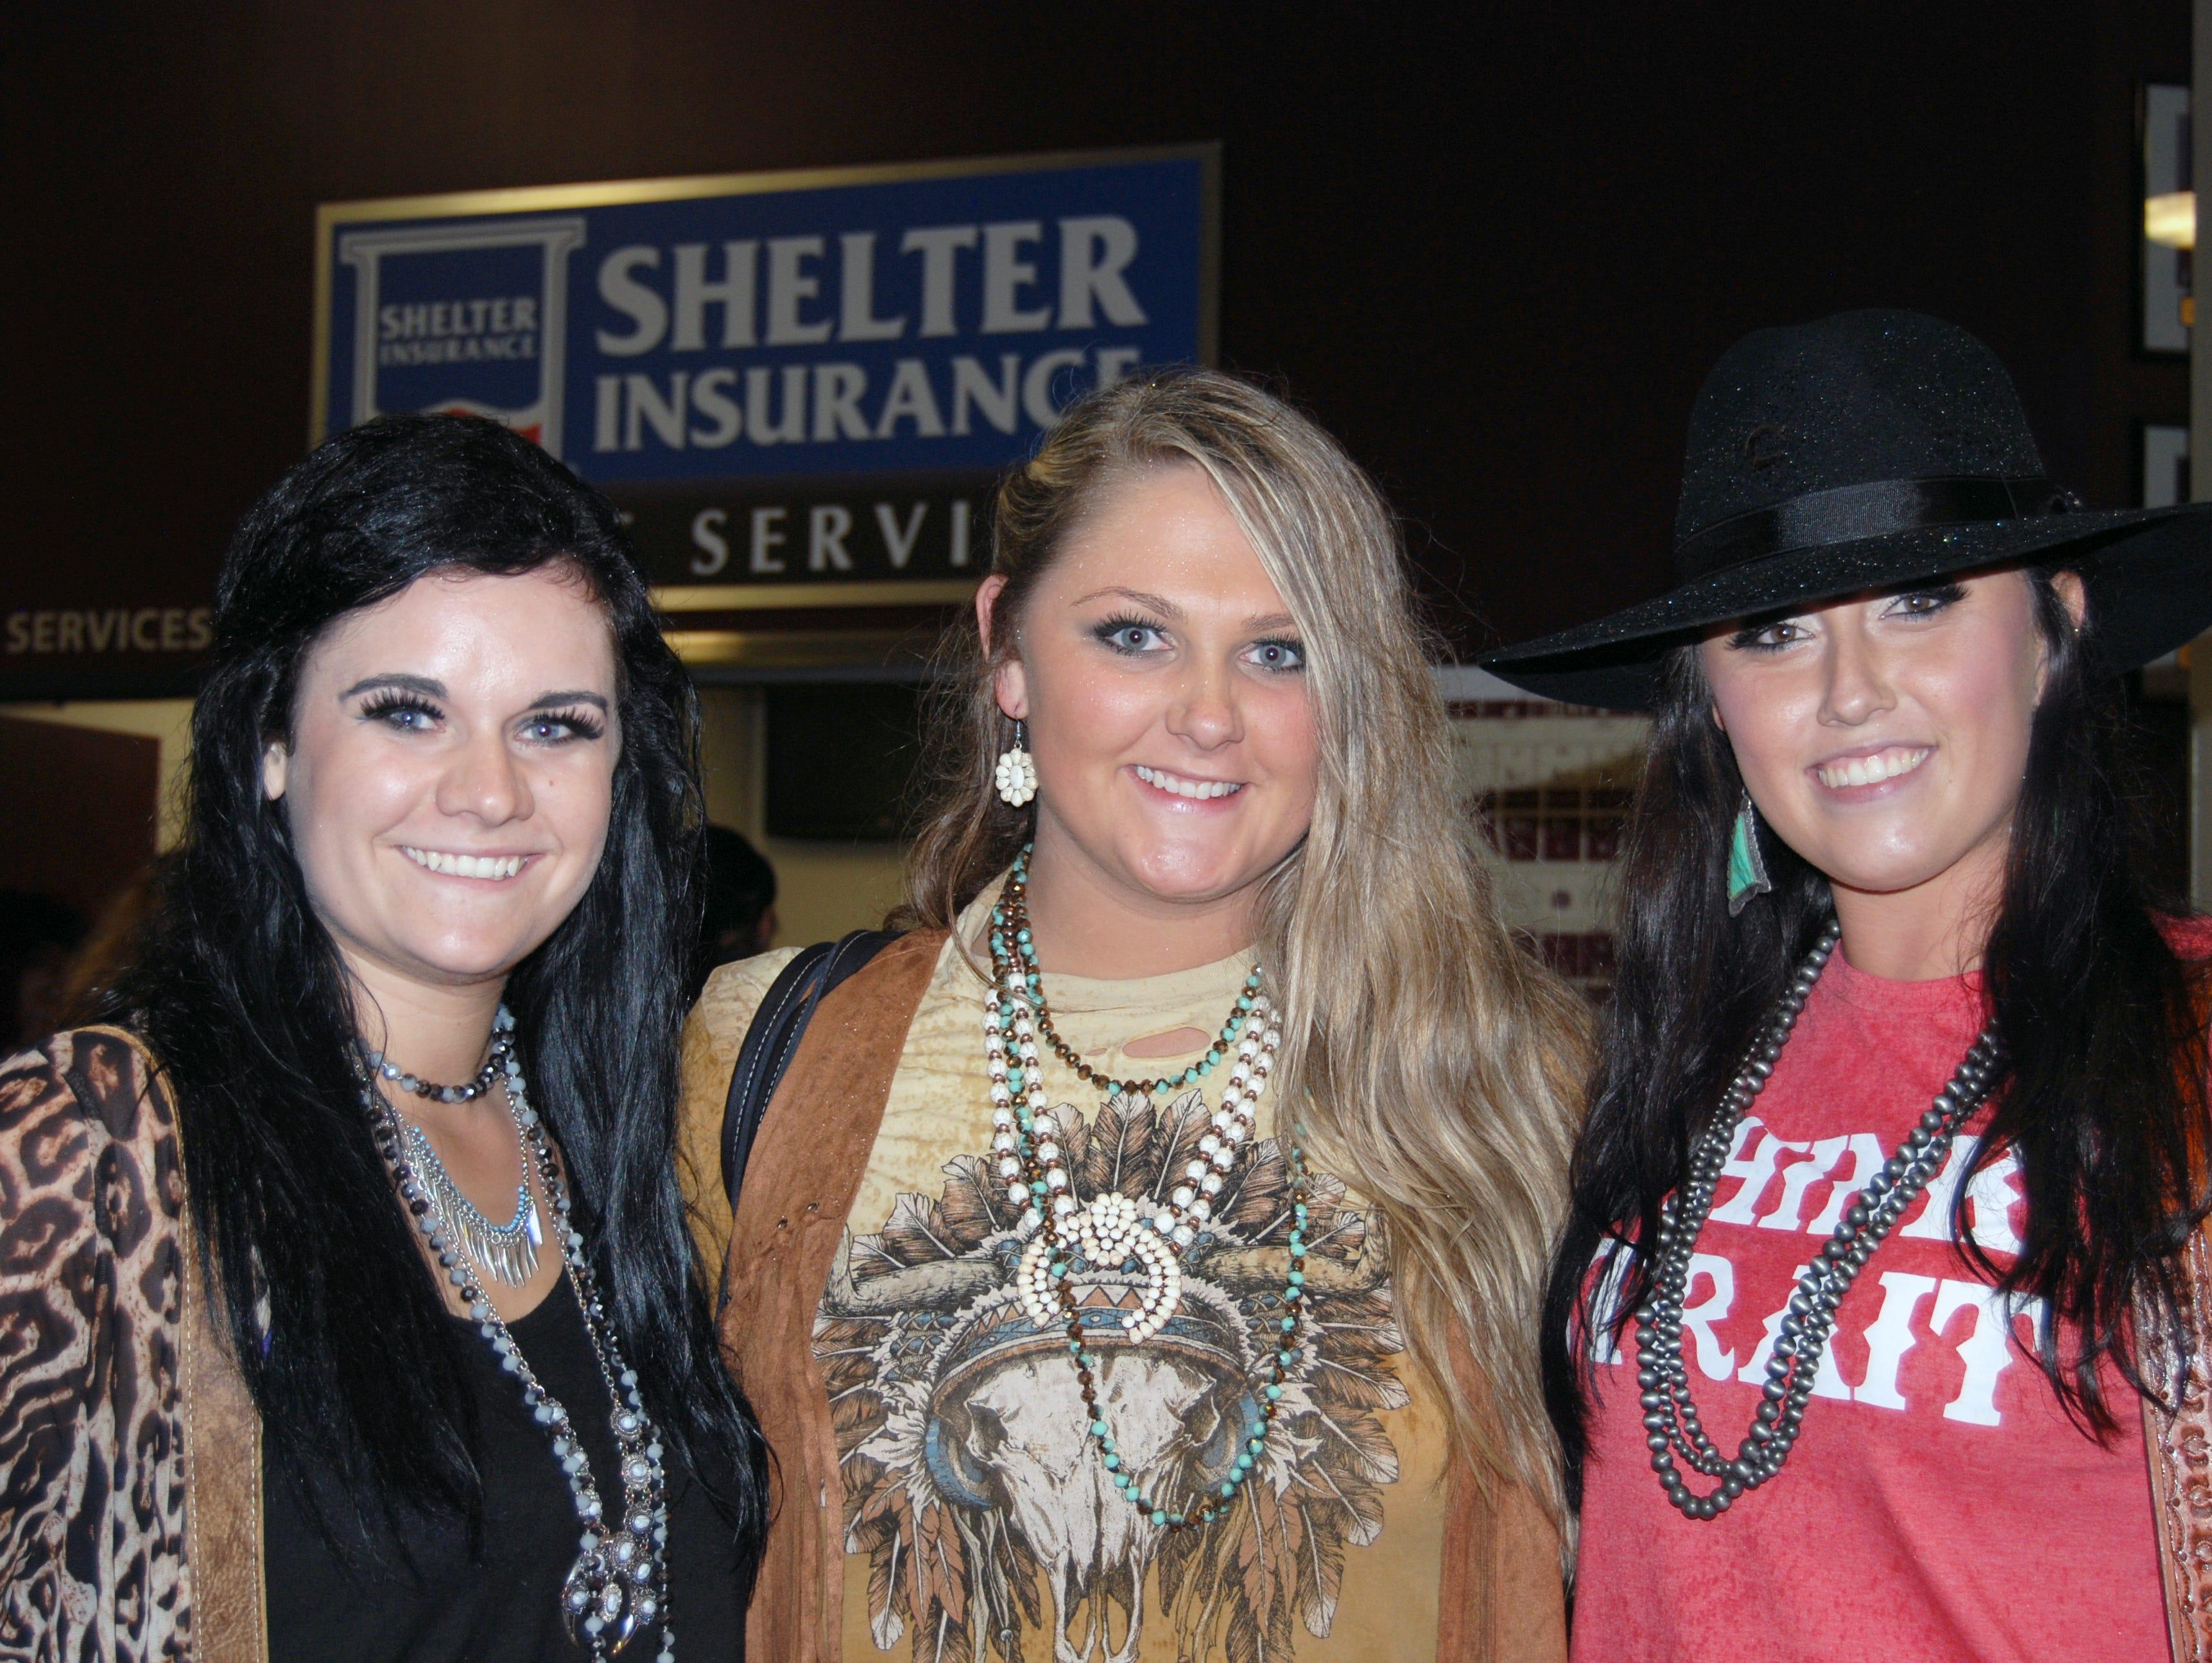 Likayla Stacy, Alexis Tamborring and Monica Gerken